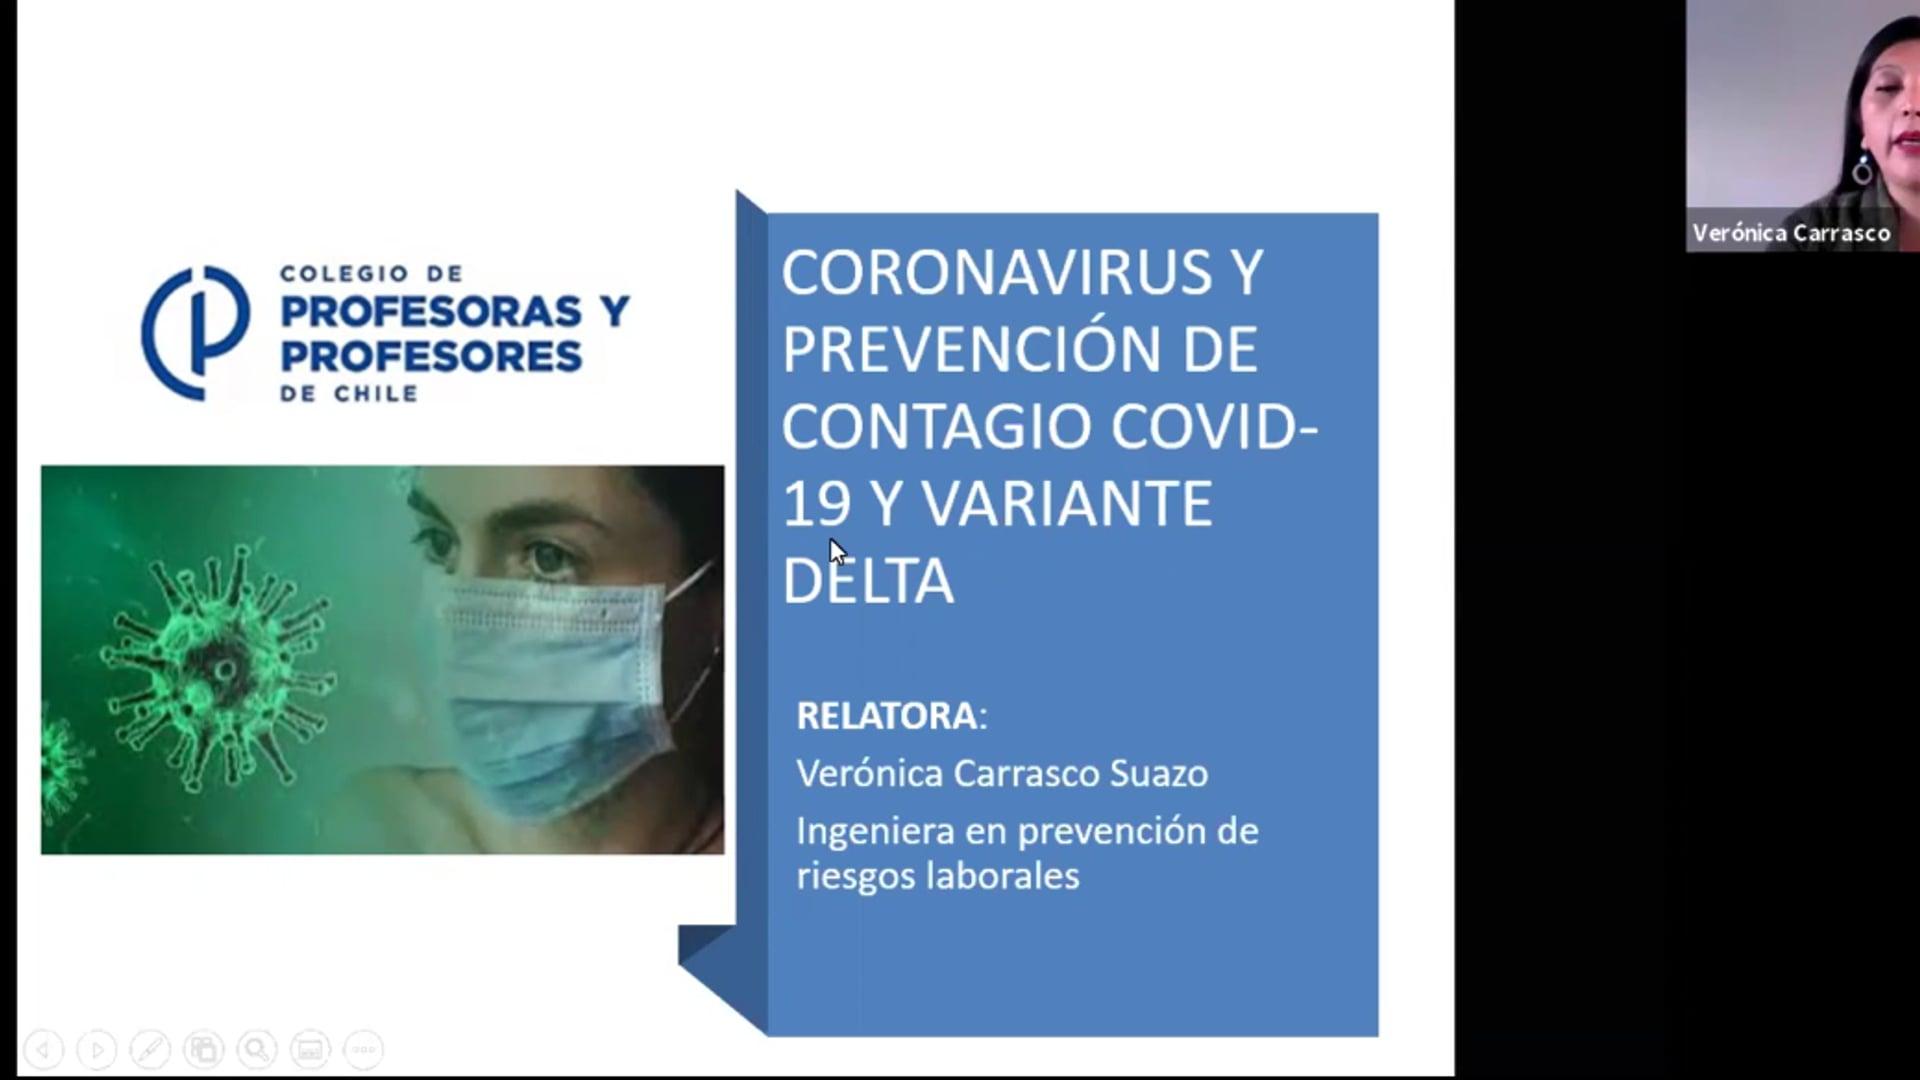 CP-Capac. Prevencion Covid-19 y variante Delta.mp4